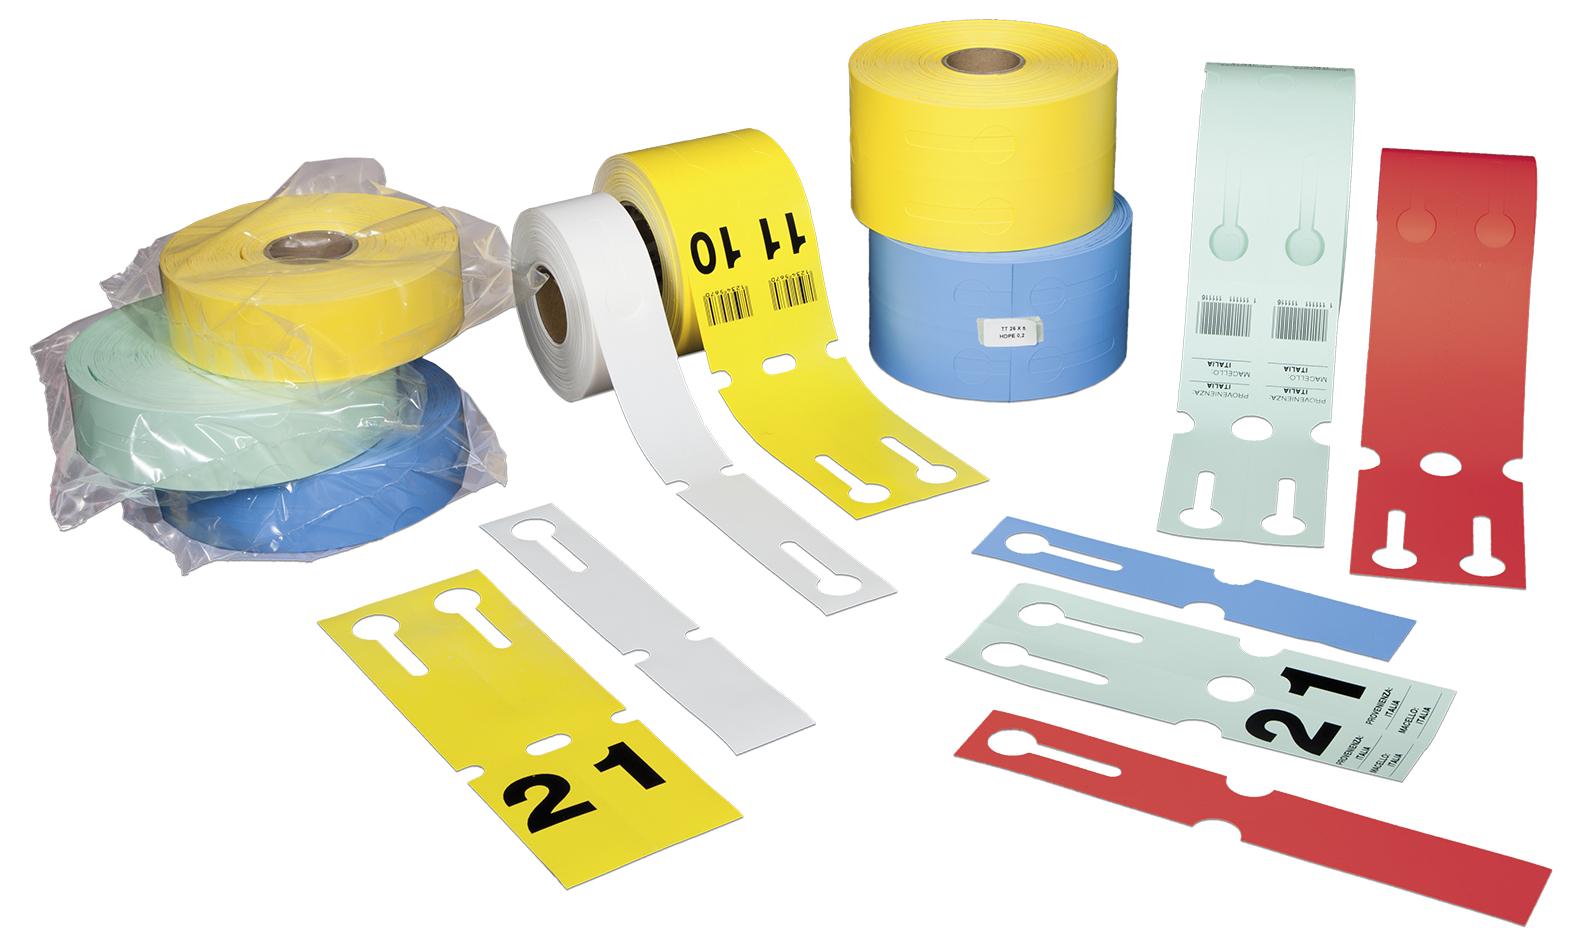 Schlaufenetiketten aus HDPE 150 µ,  50 mm x 260 mm, ohne Kleber, 50 mm Kern, 500 Etiketten je Rolle, gestanzt, lebensmittelecht